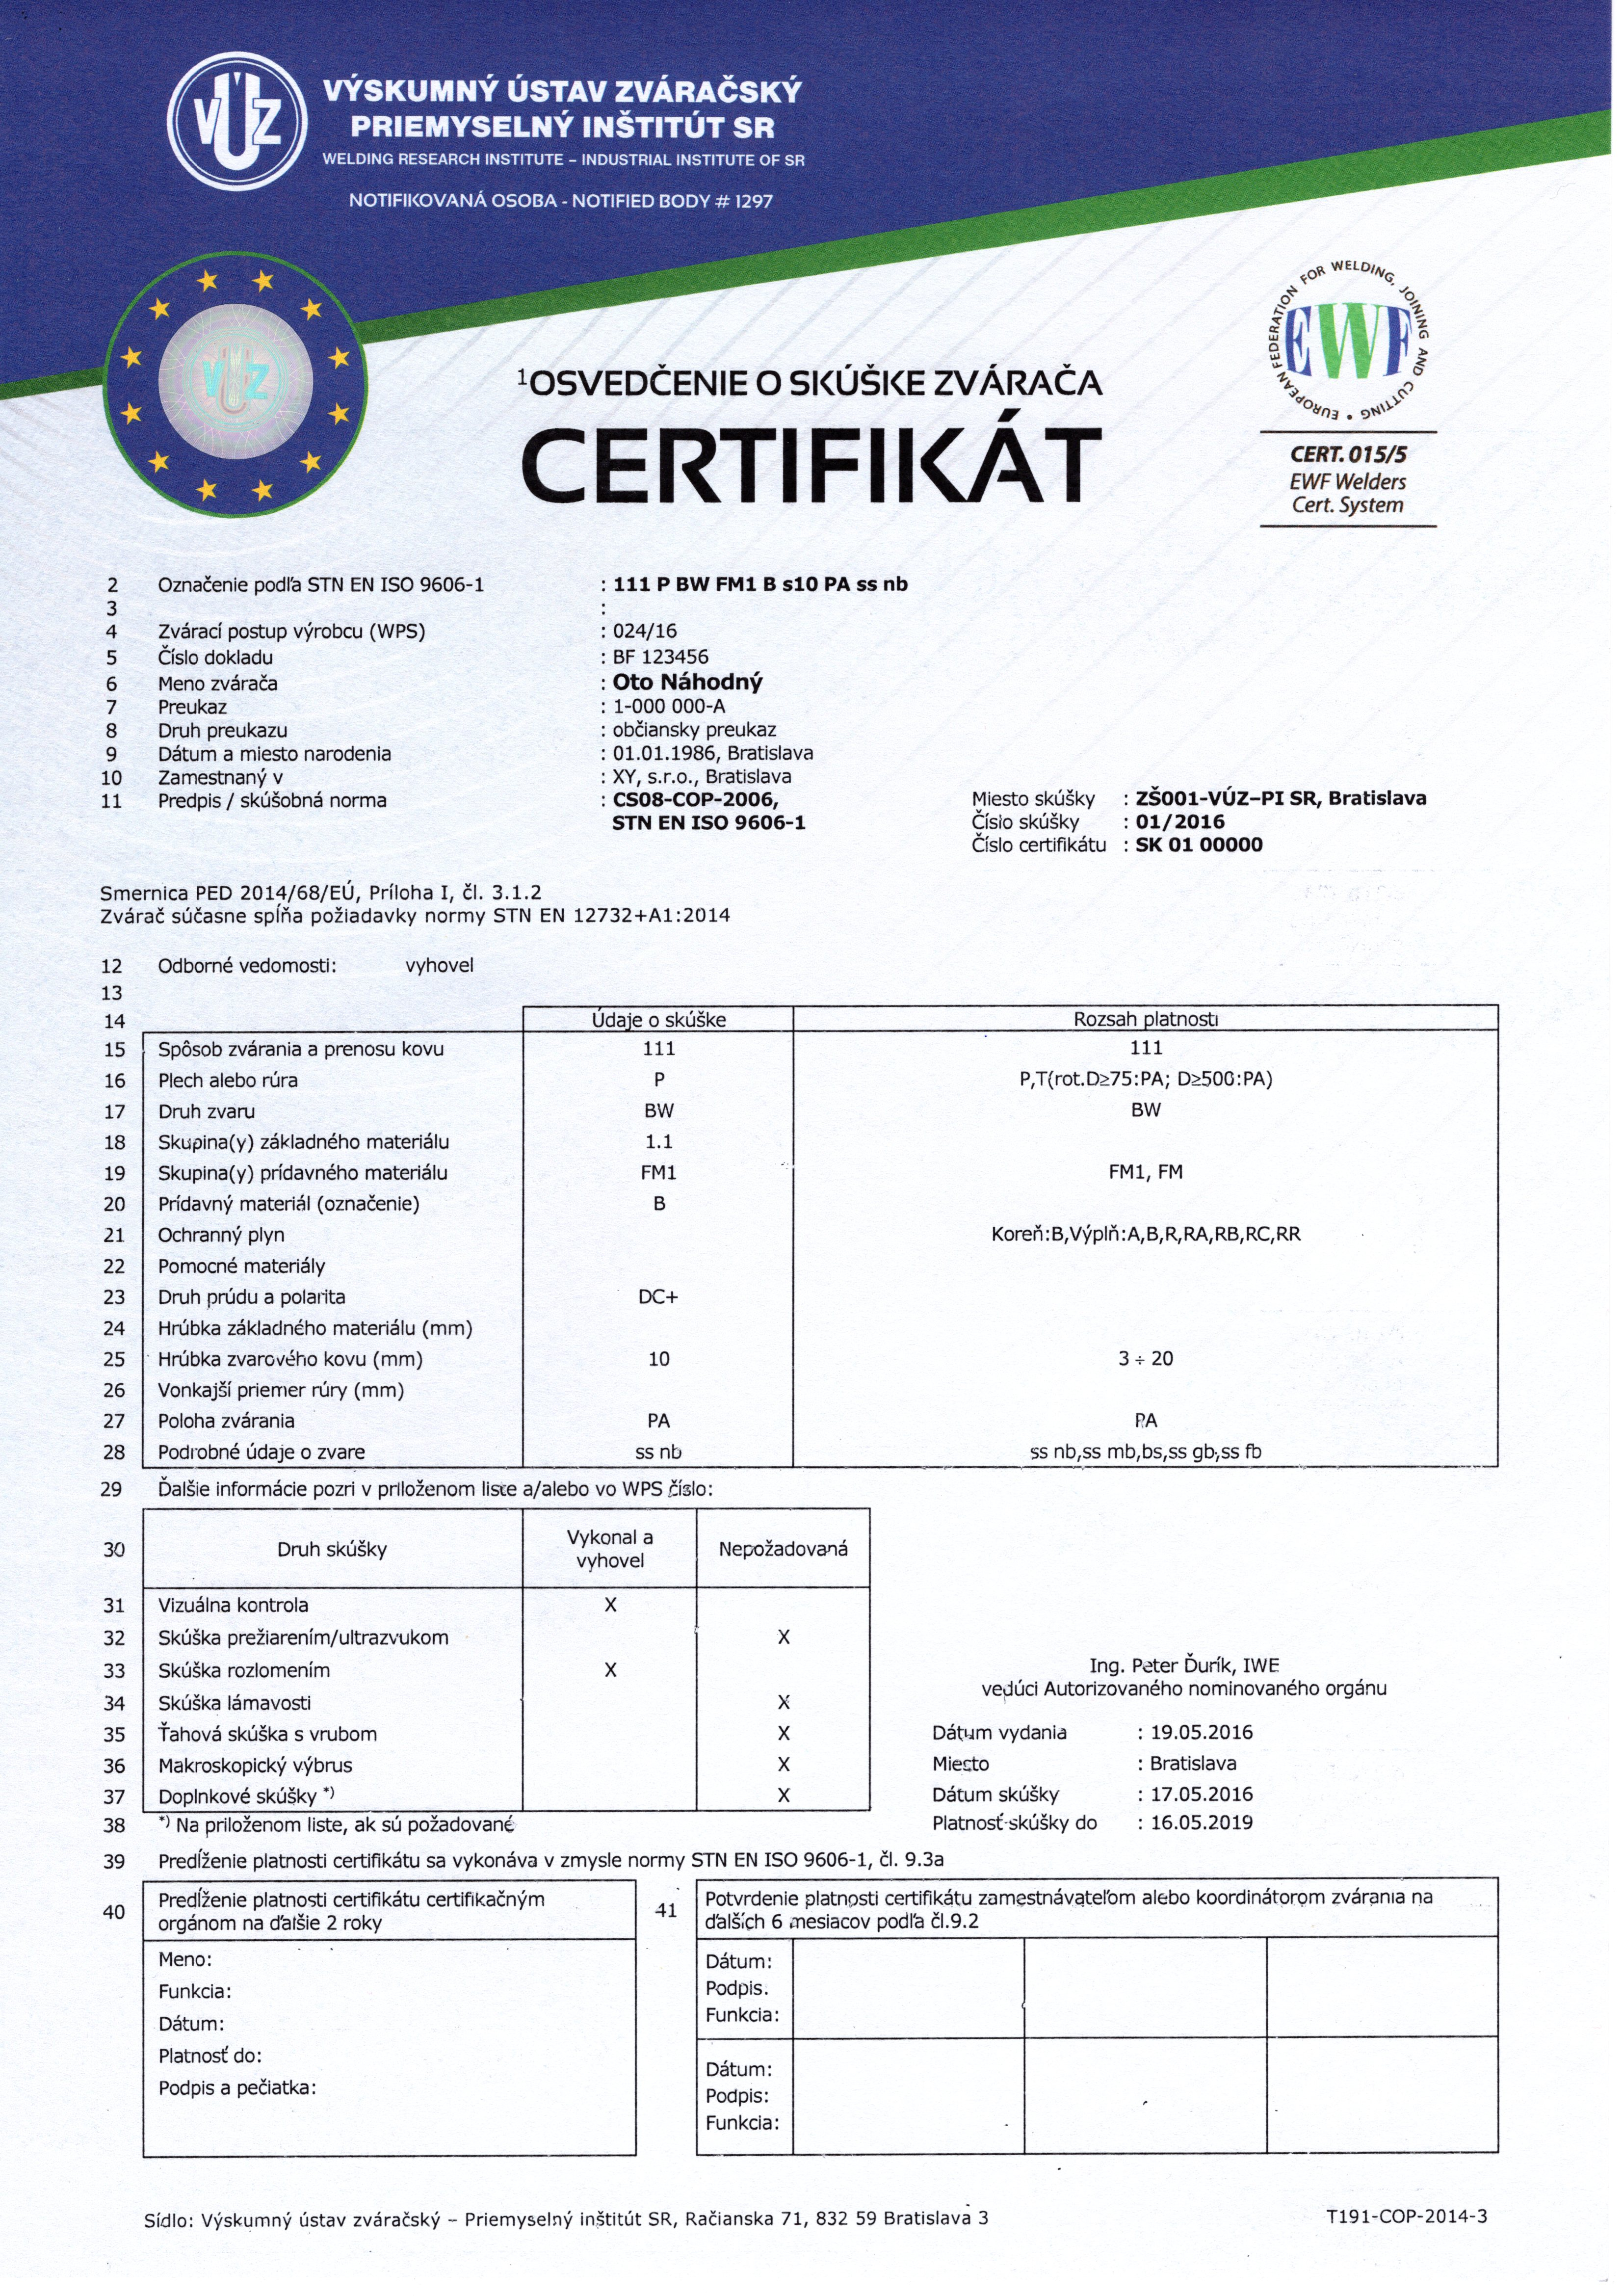 20161212140119_certifikat122.jpg